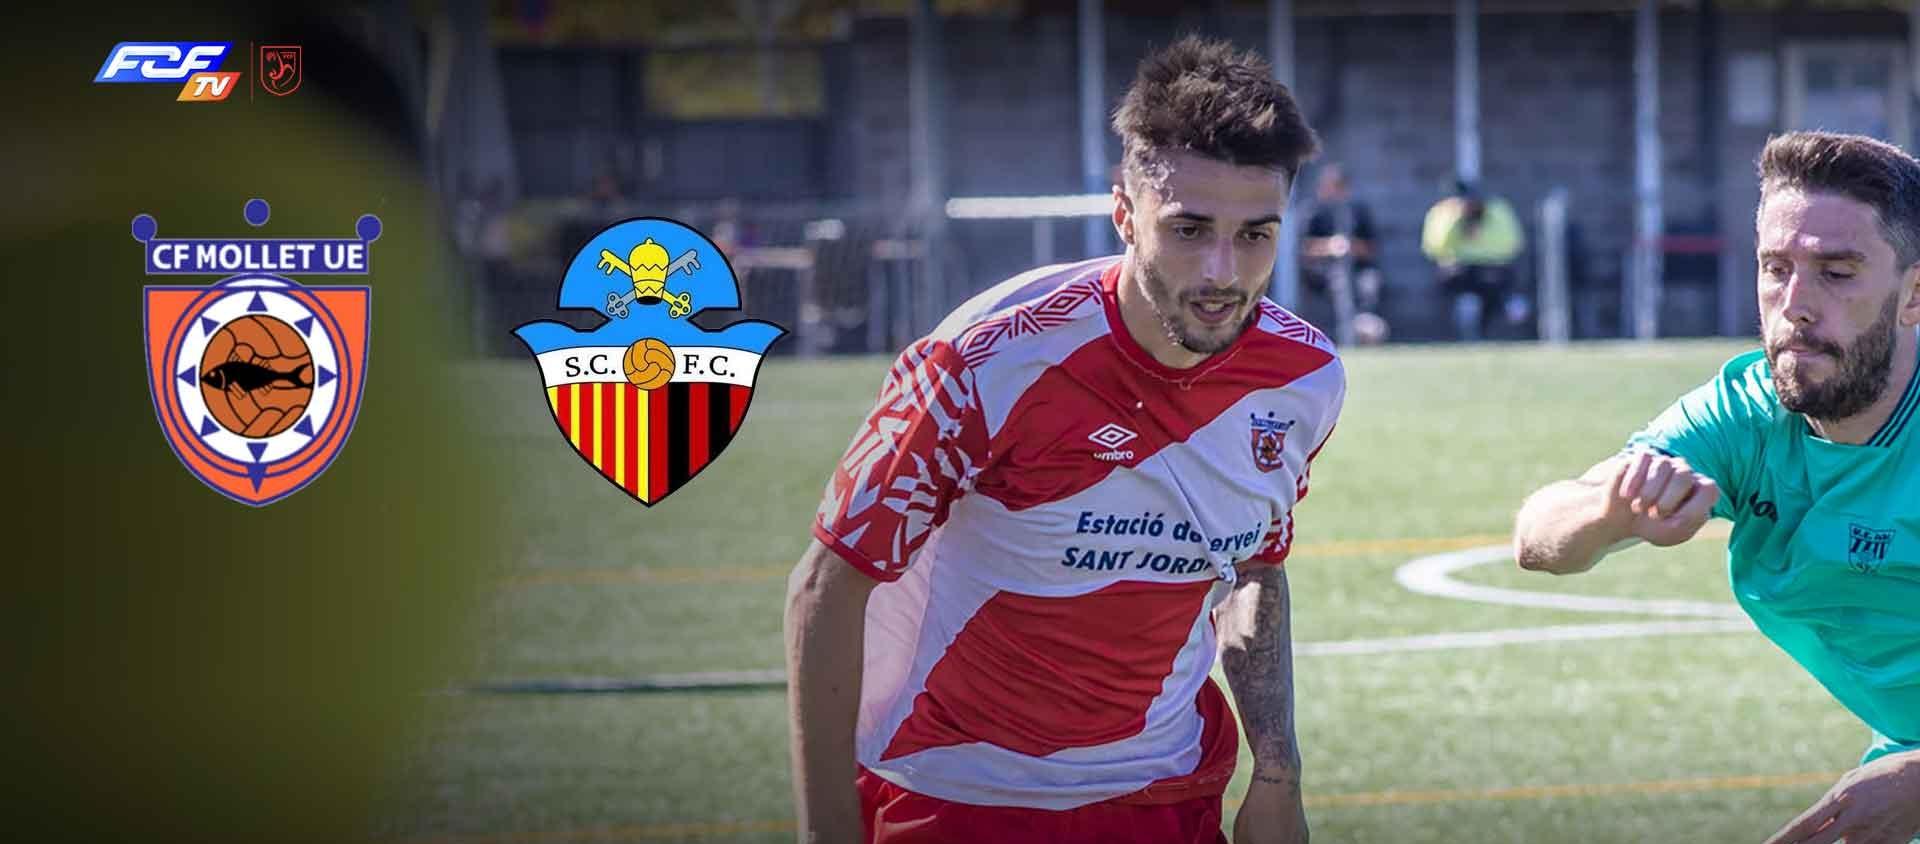 El partit CF Mollet UE-Sant Cugat FC, en streaming a l'FCF TV